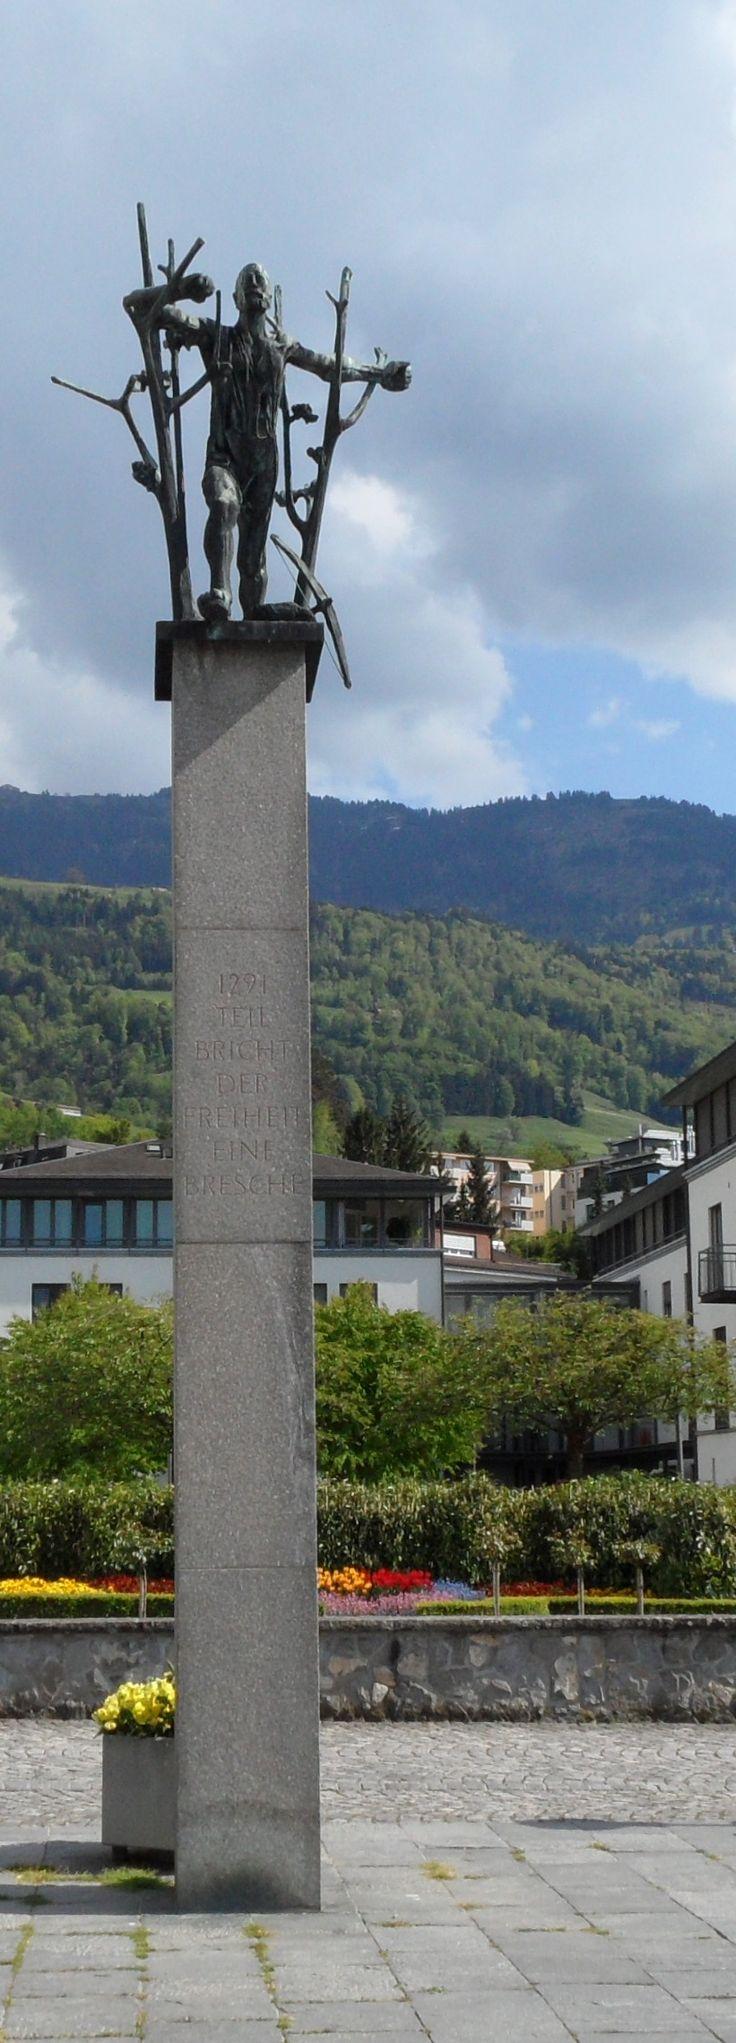 Wilhelm-Tell-Denkmal von Emilio Stanzani in Küssnacht am Rigi, Kanton Schwyz, Schweiz.